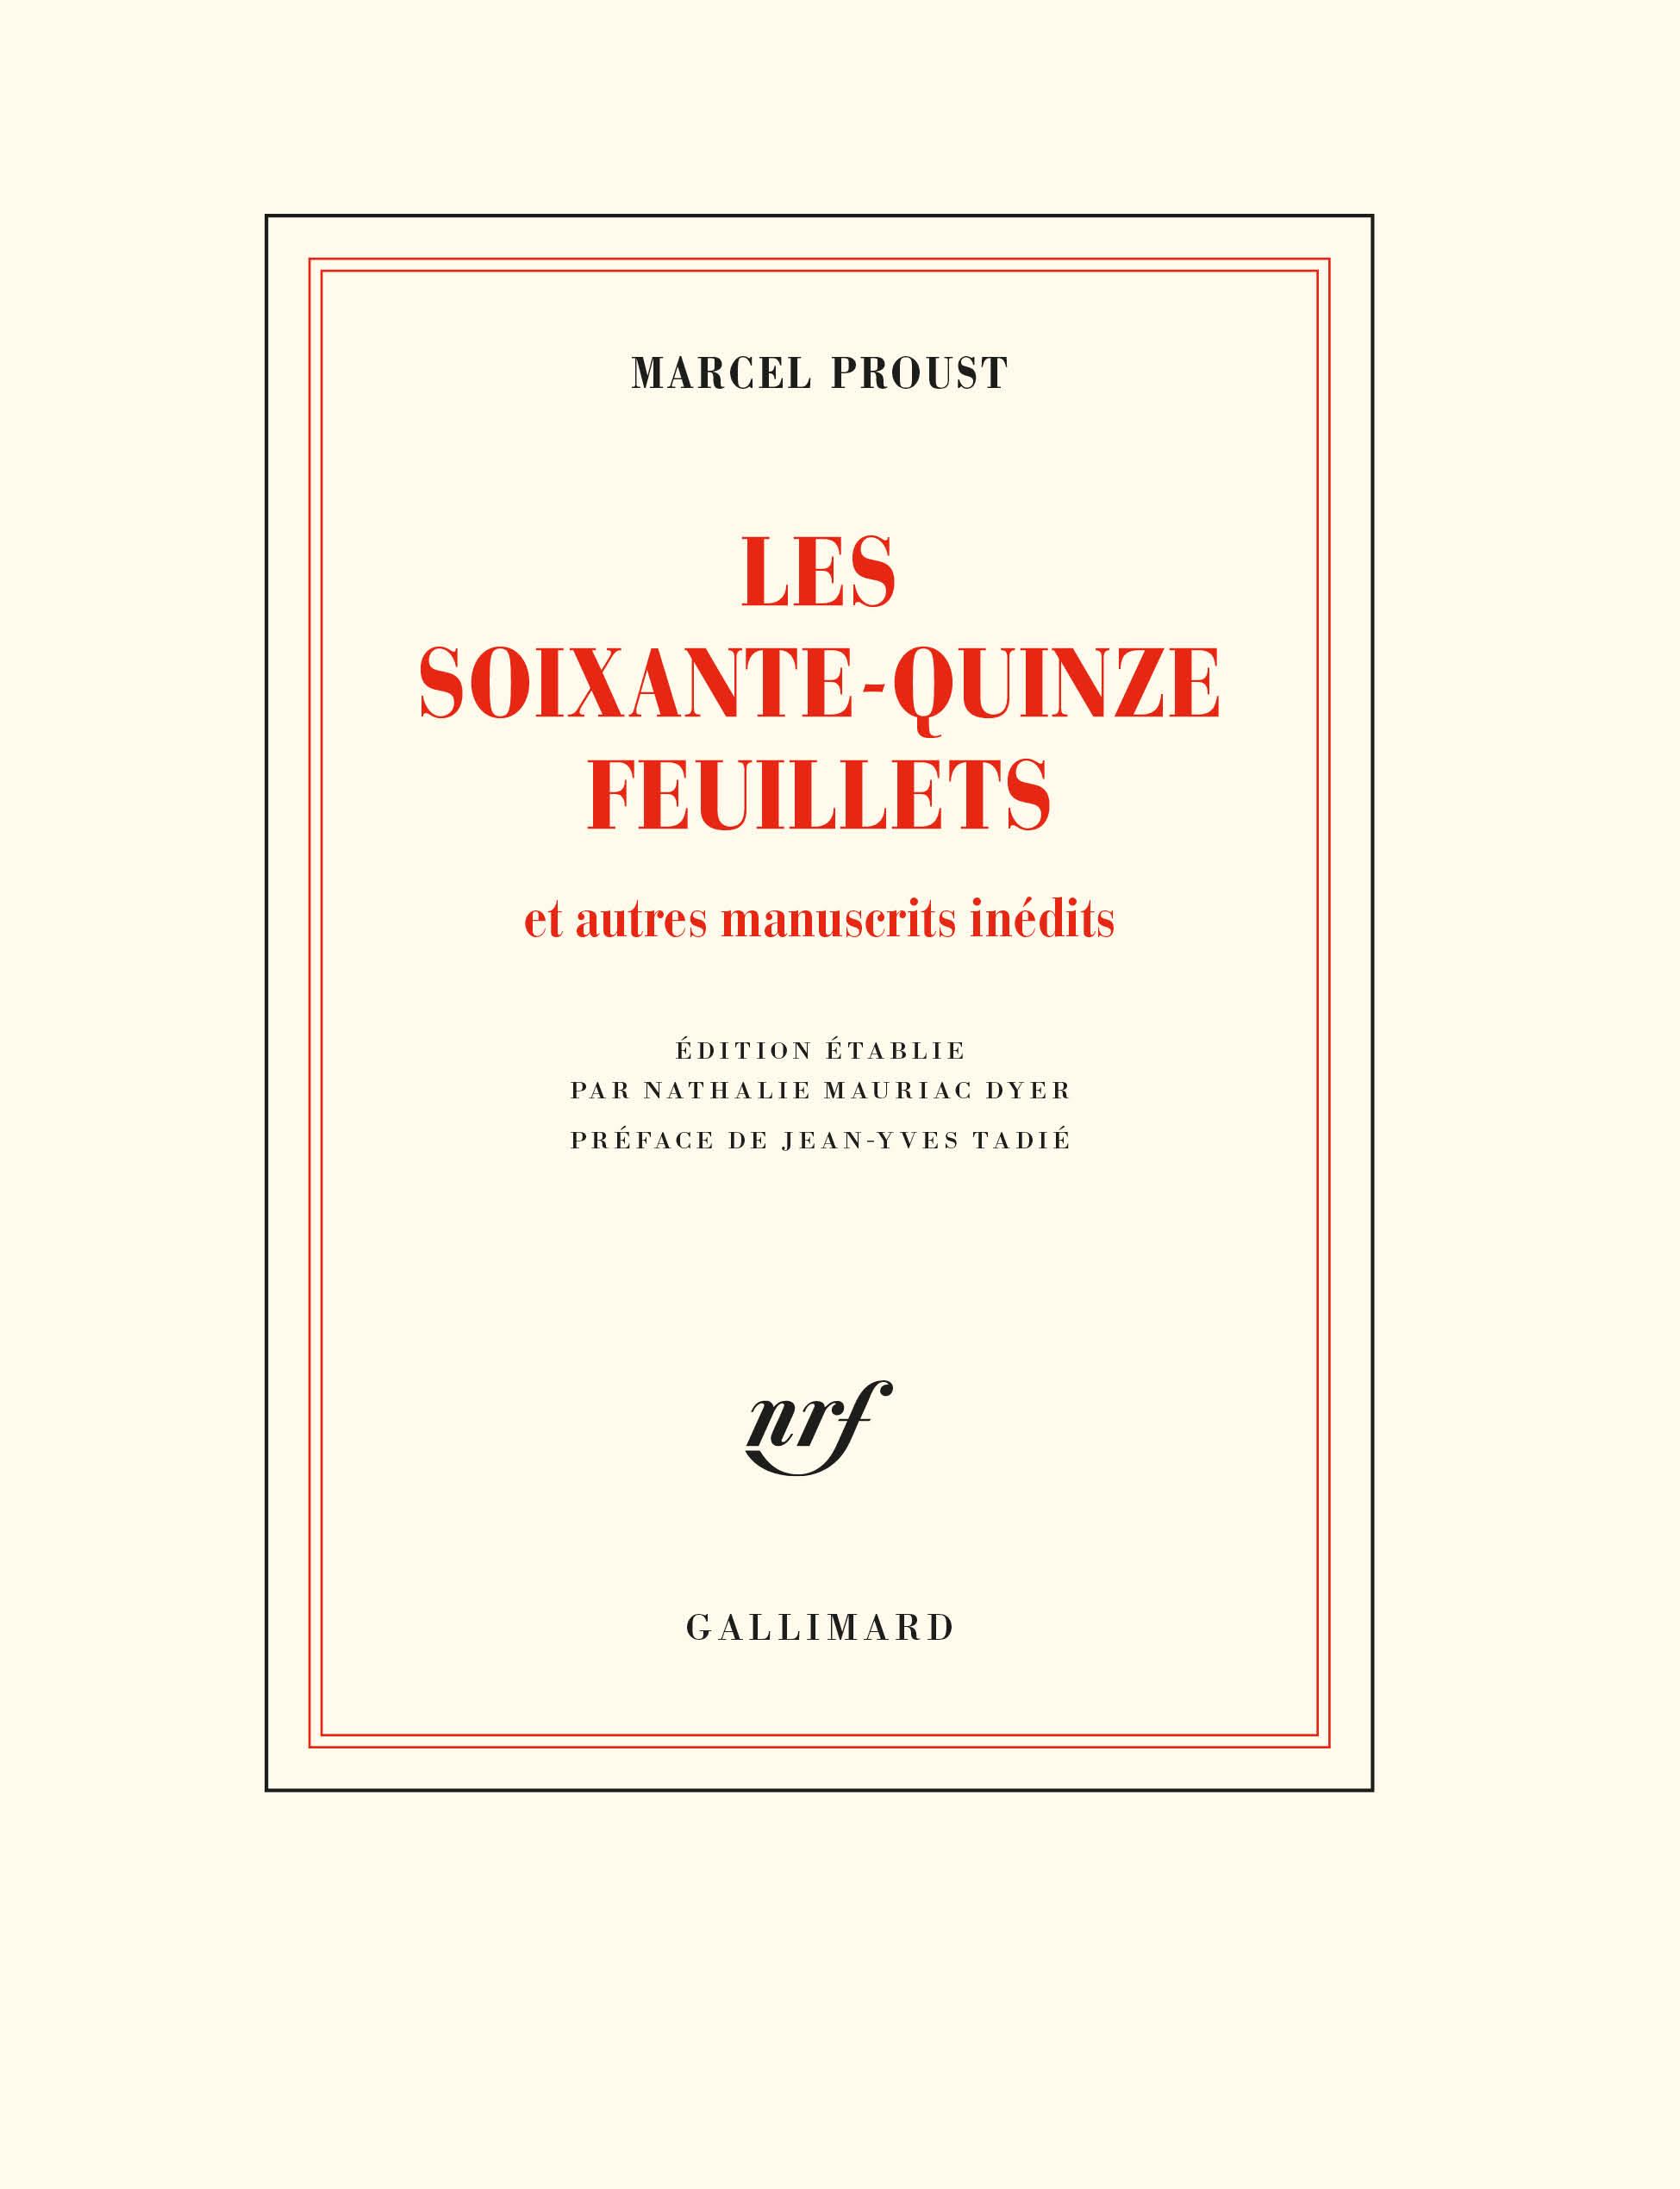 M. Proust, Les Soixante-quinze Feuillets (N. Mauriac Dyer, éd.)